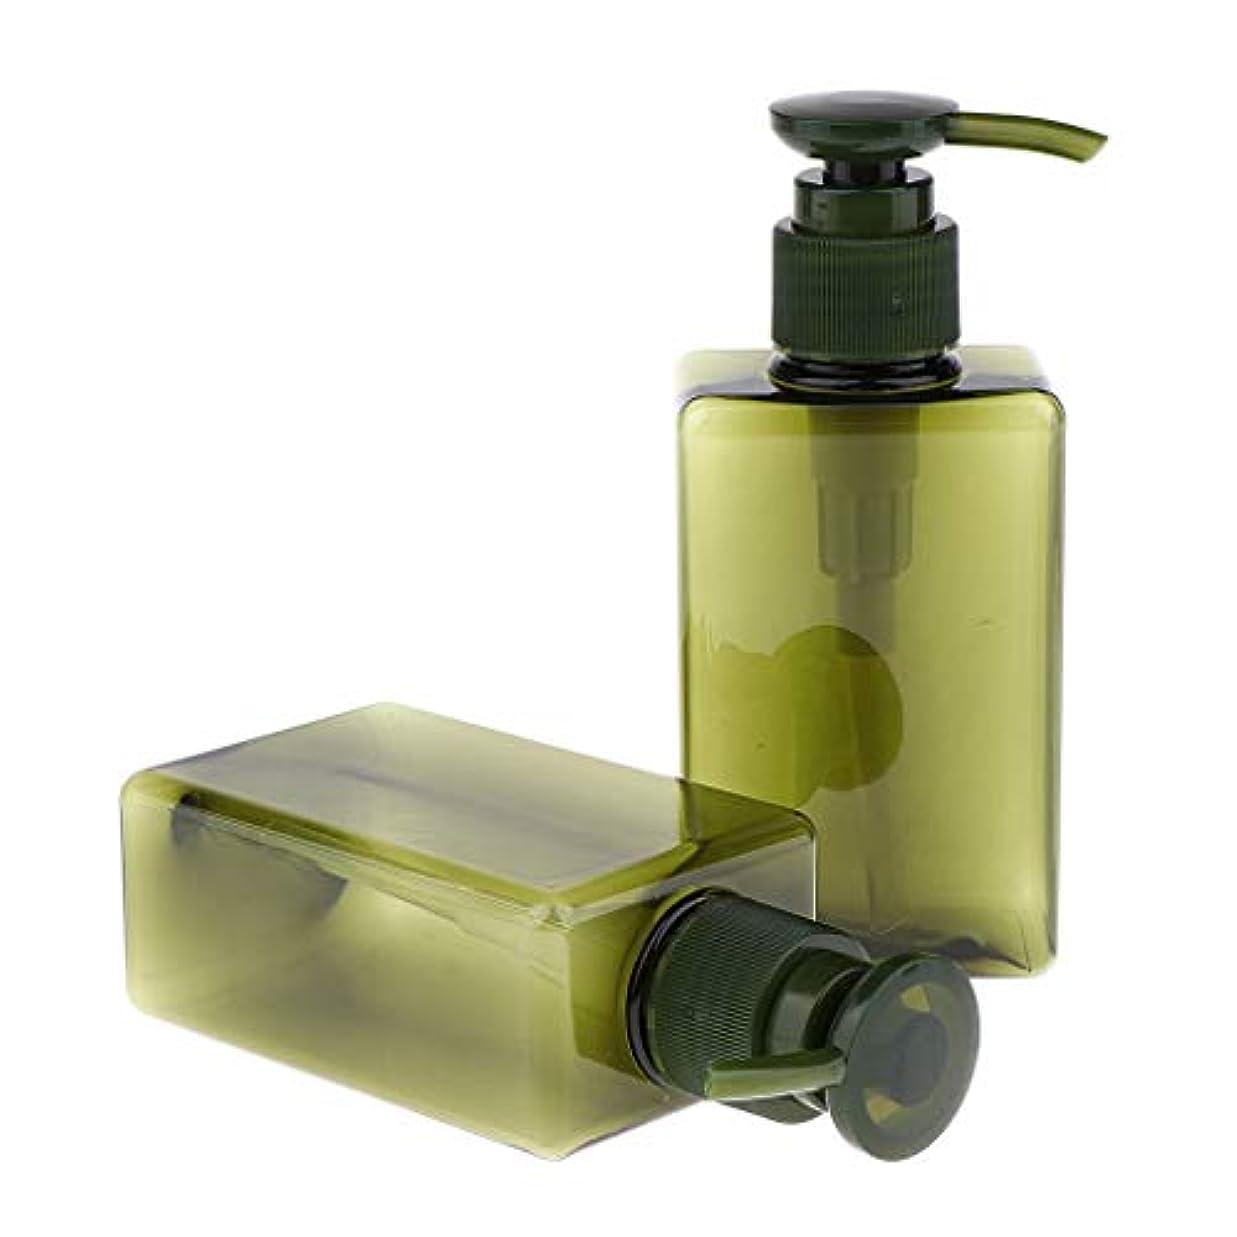 バイオレット一般最後にSharplace 空ボトル ローションポンプボトル 詰め替え シャンプー用容器 150ml 漏れ防止 4色 - 緑